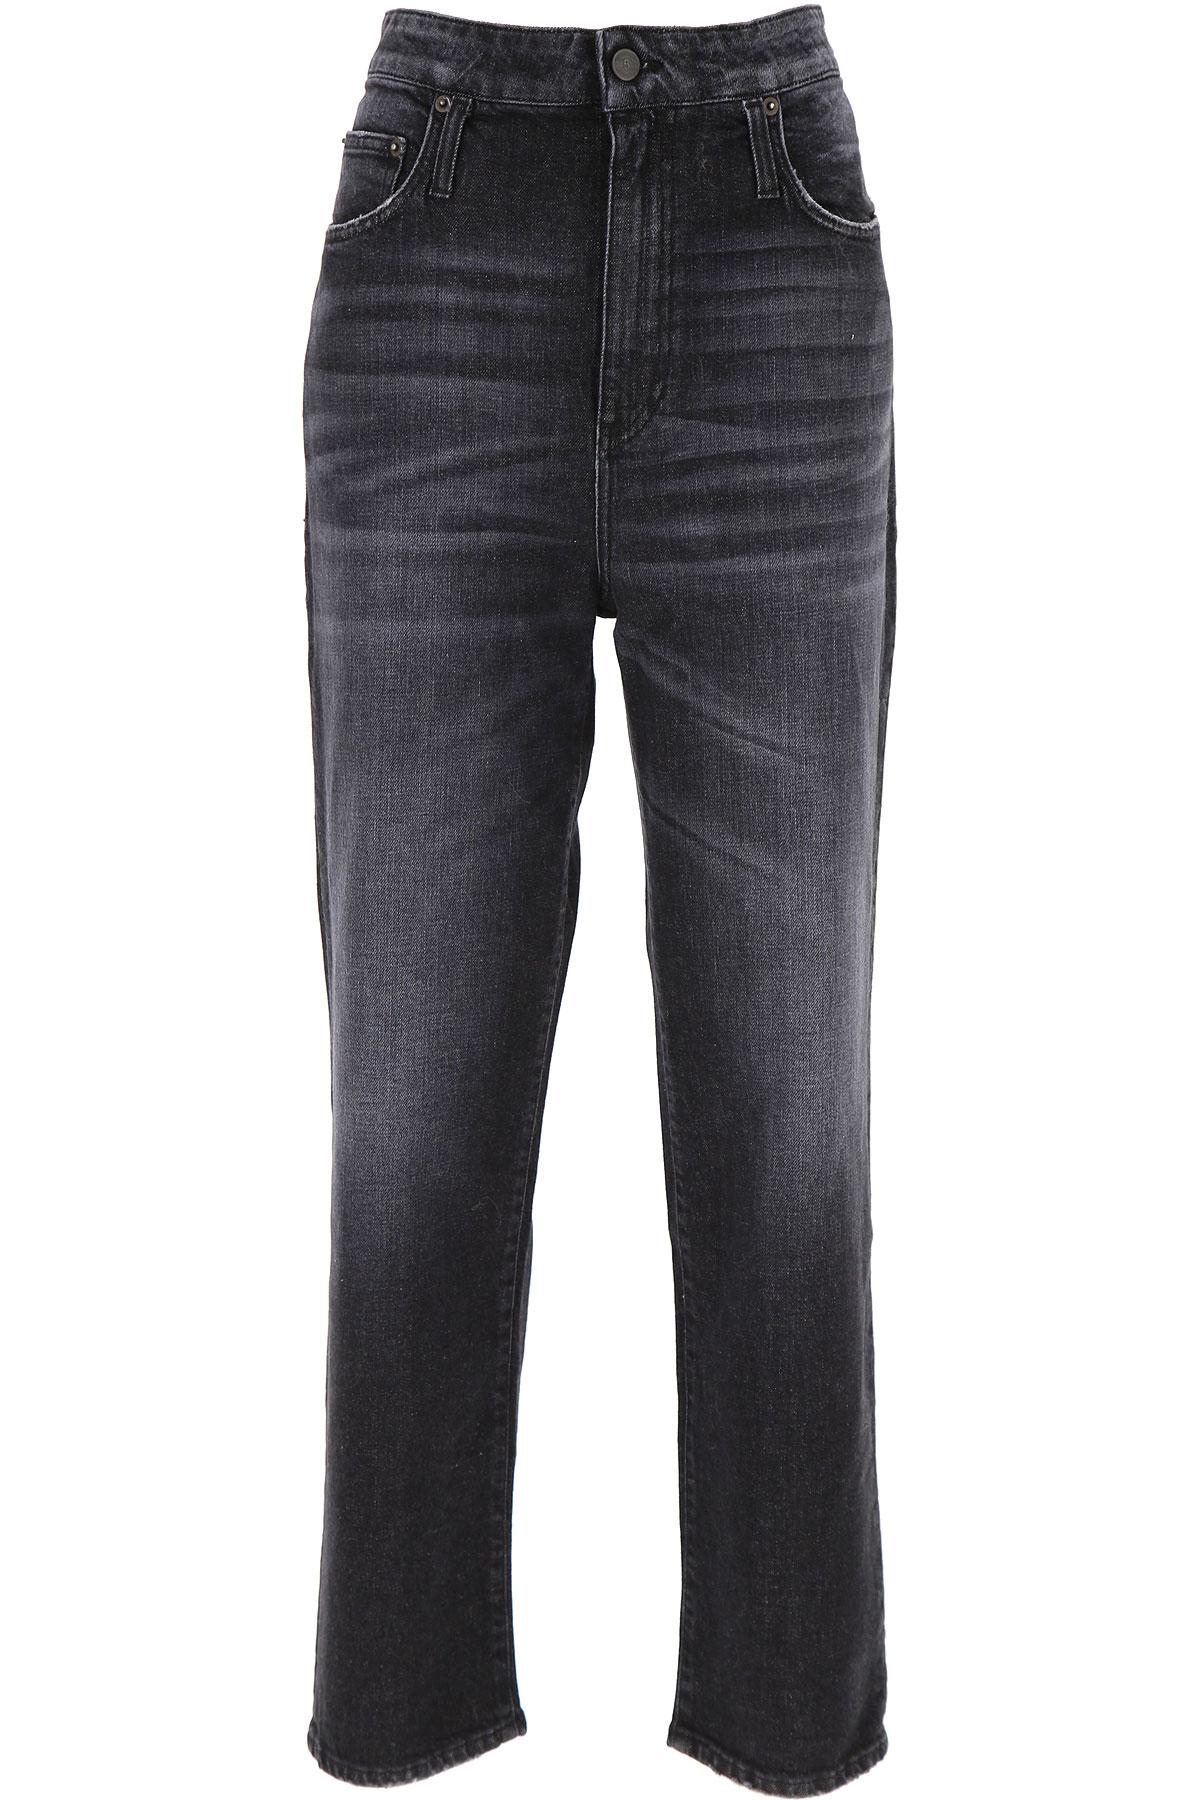 Department Five Jeans, Black, Cotton, 2019, 25 26 30